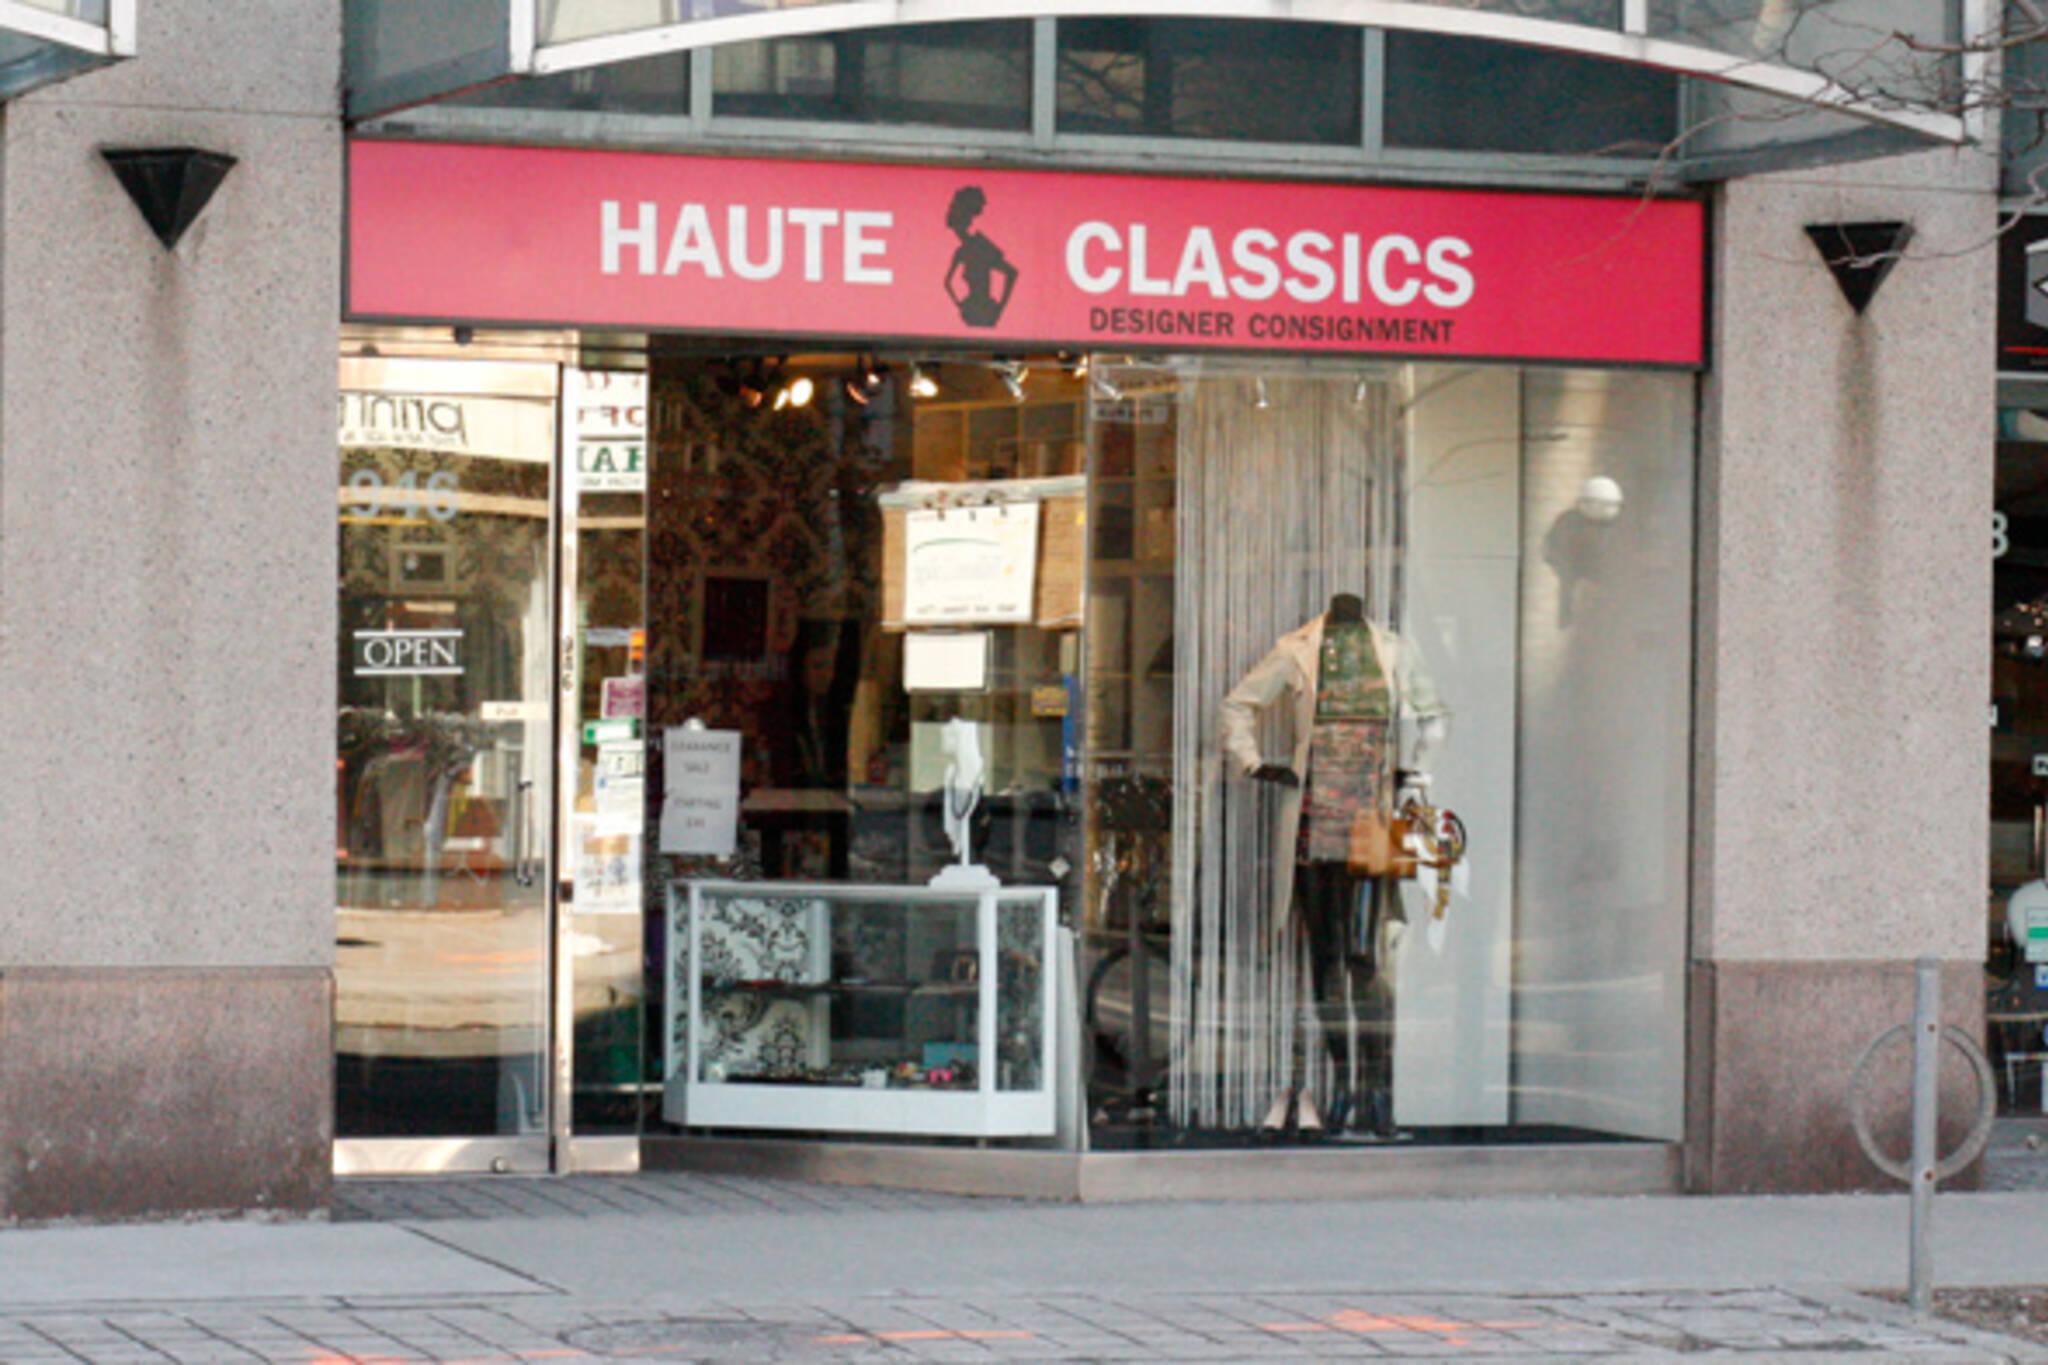 Haute Classics